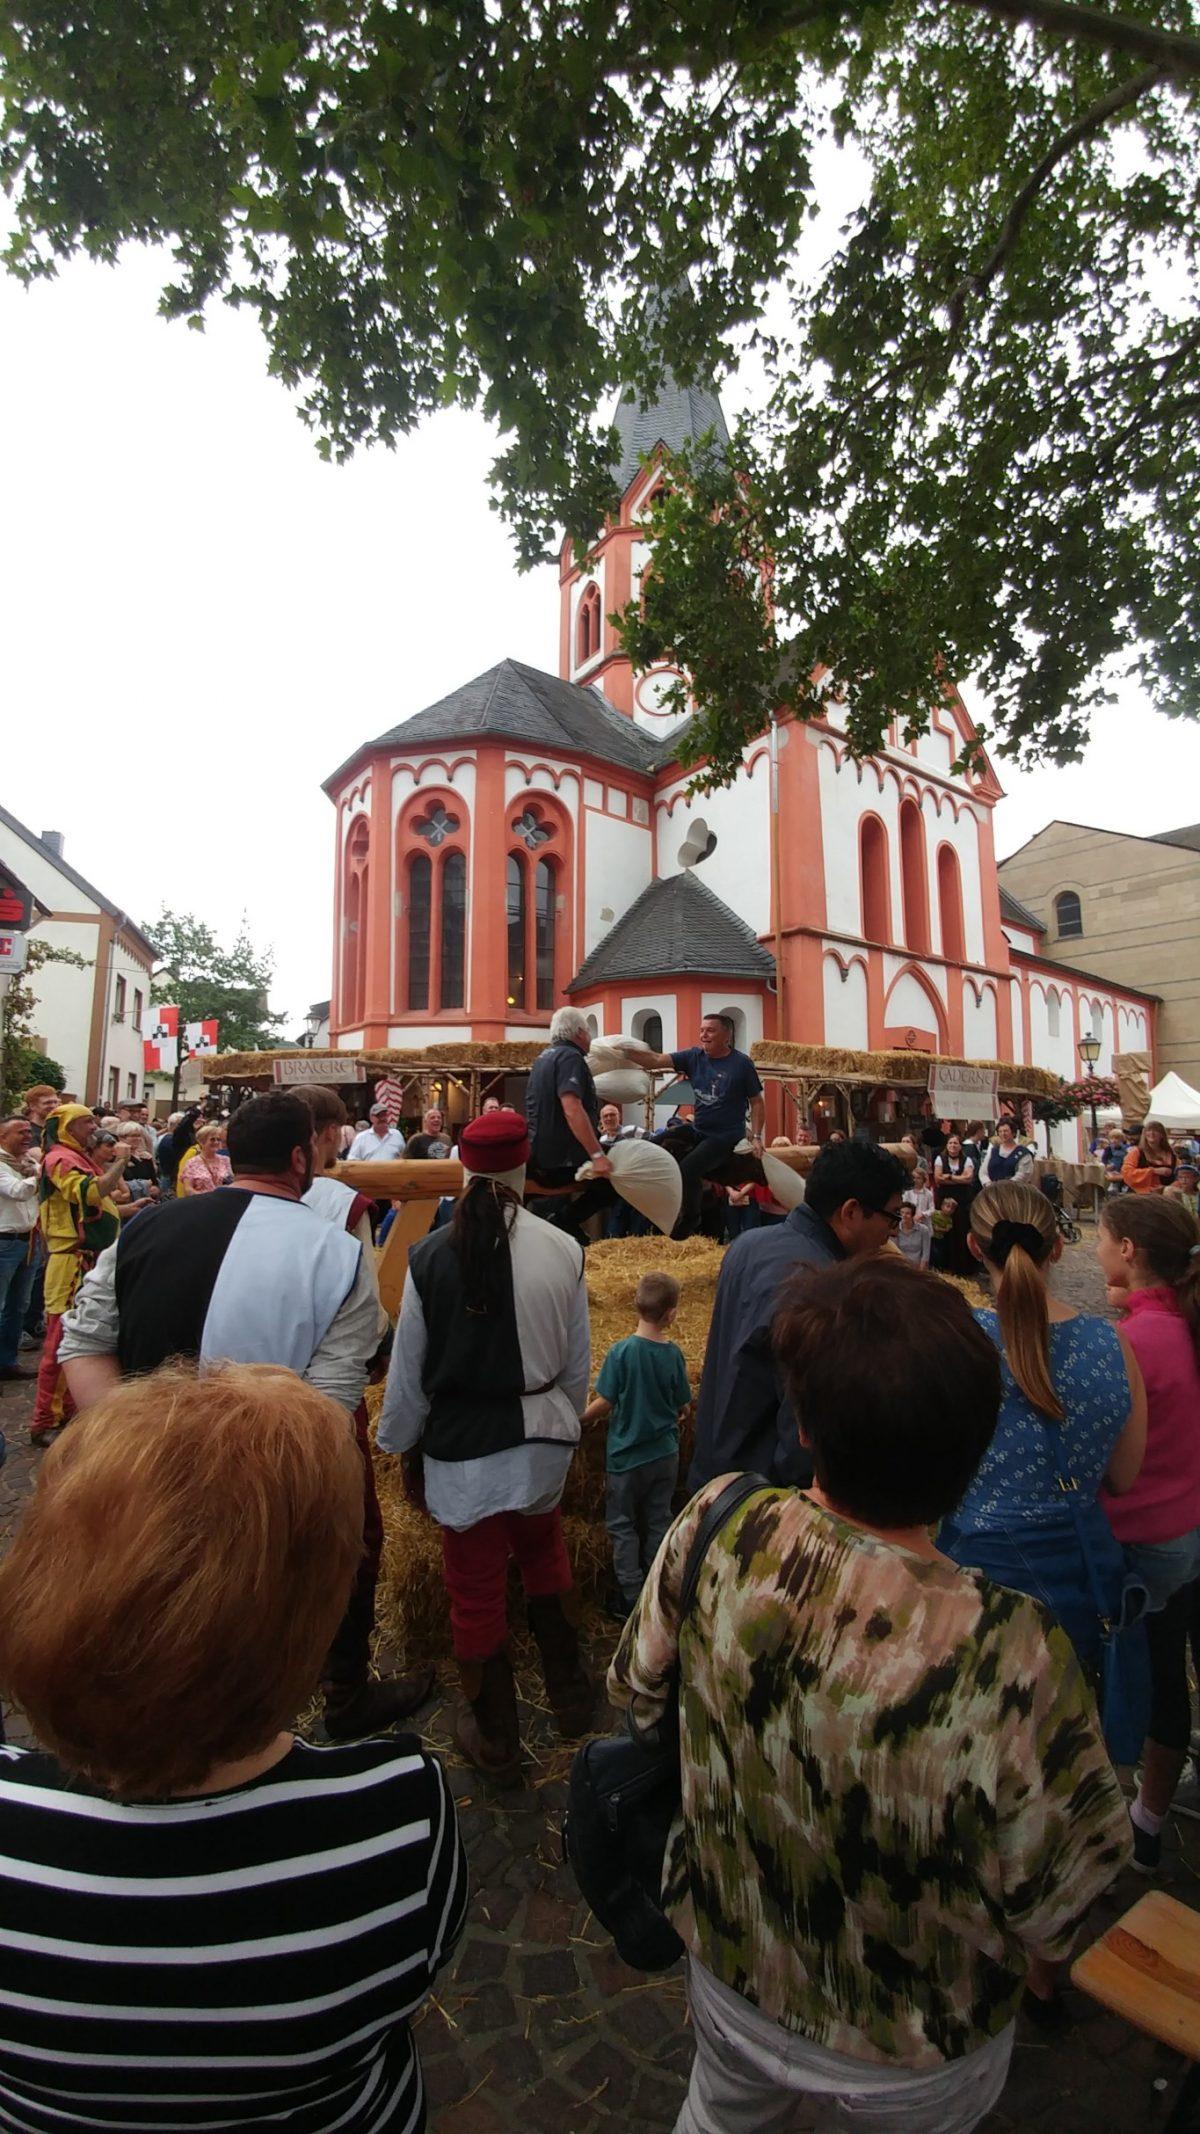 Gemütliches Weinfest in Heimersheim gefeiert.